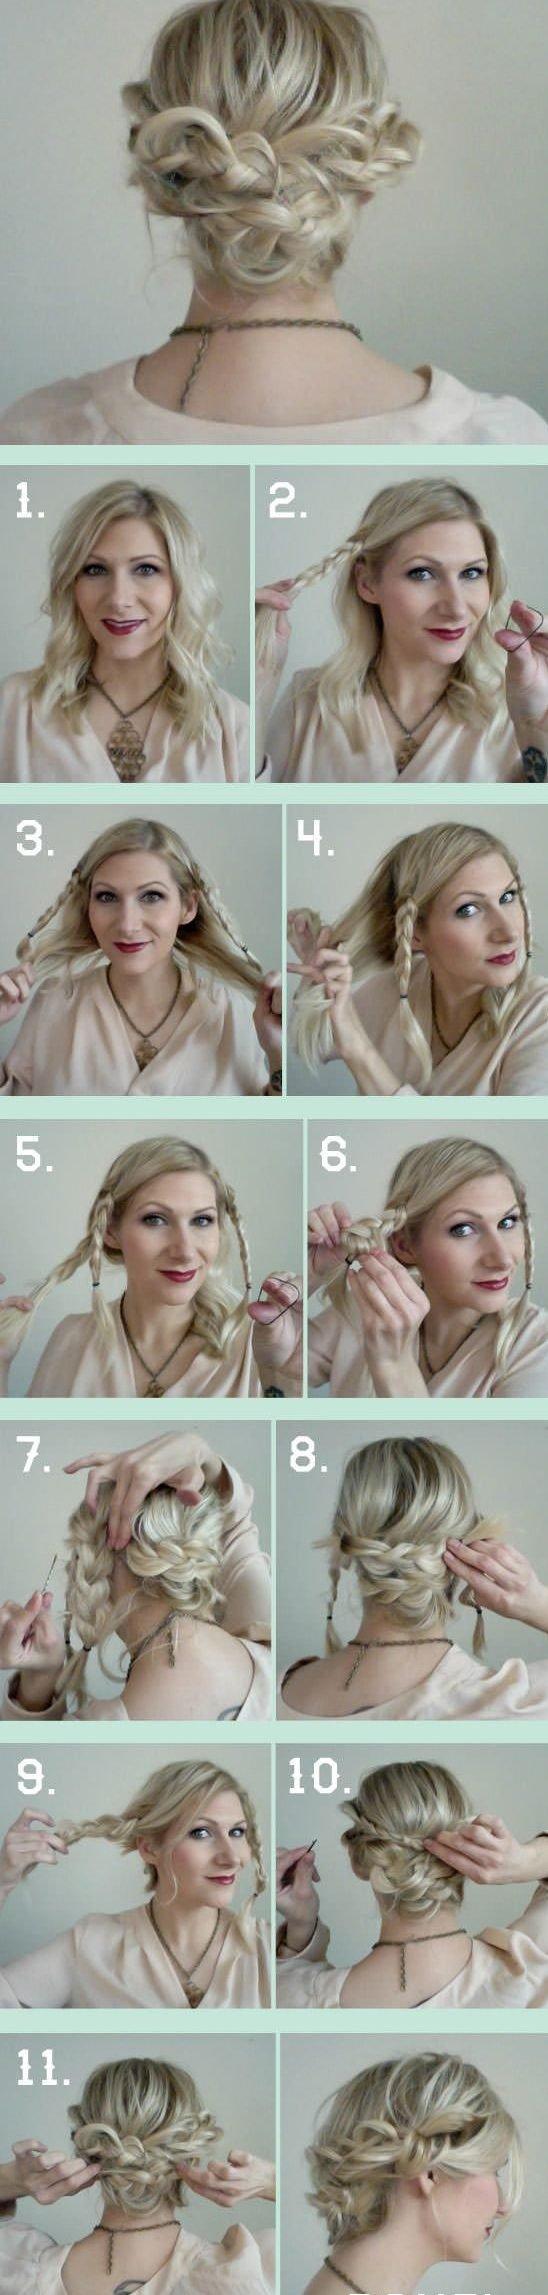 Anlaitunge für Haare flechten